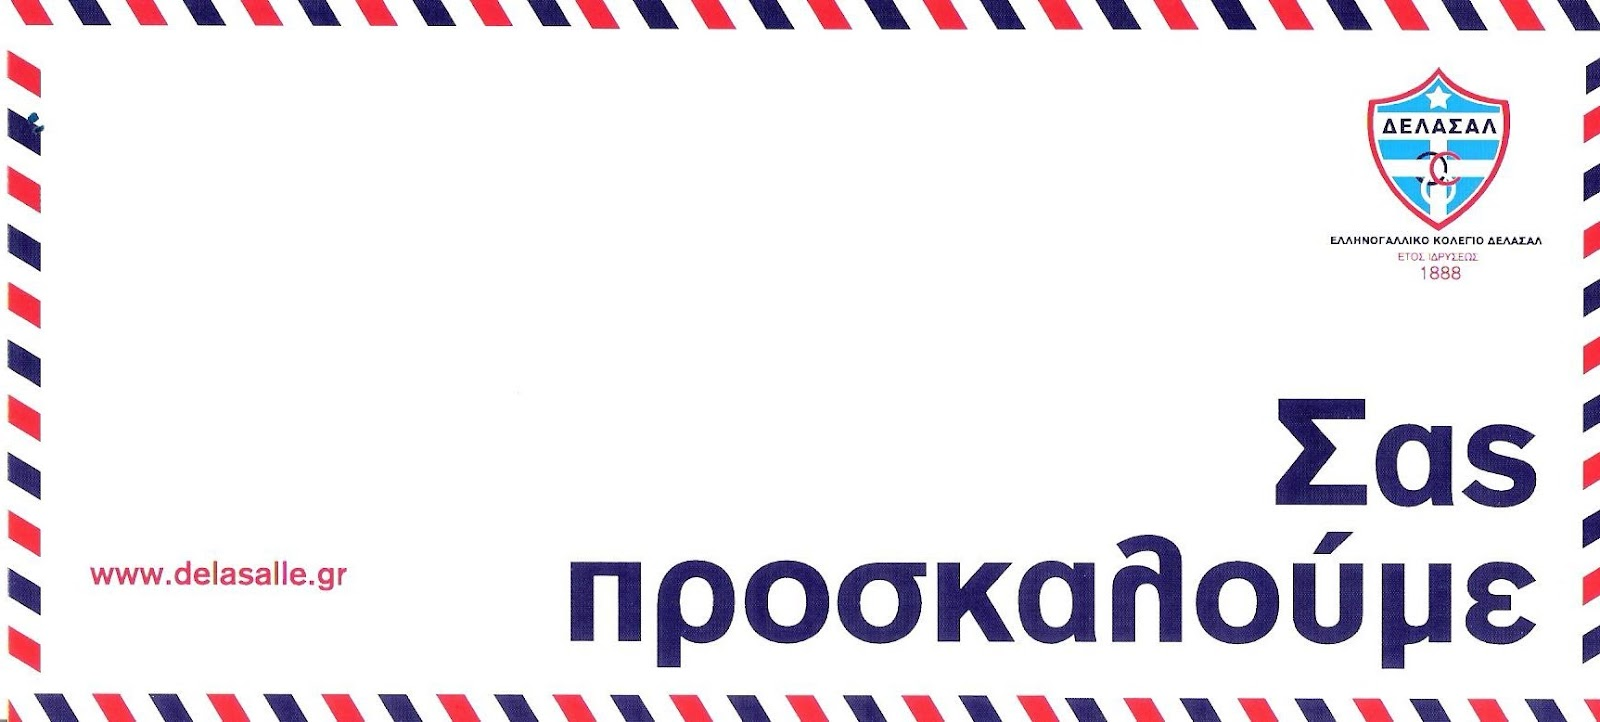 [Å¾¯´± 1 001[7].jpg]